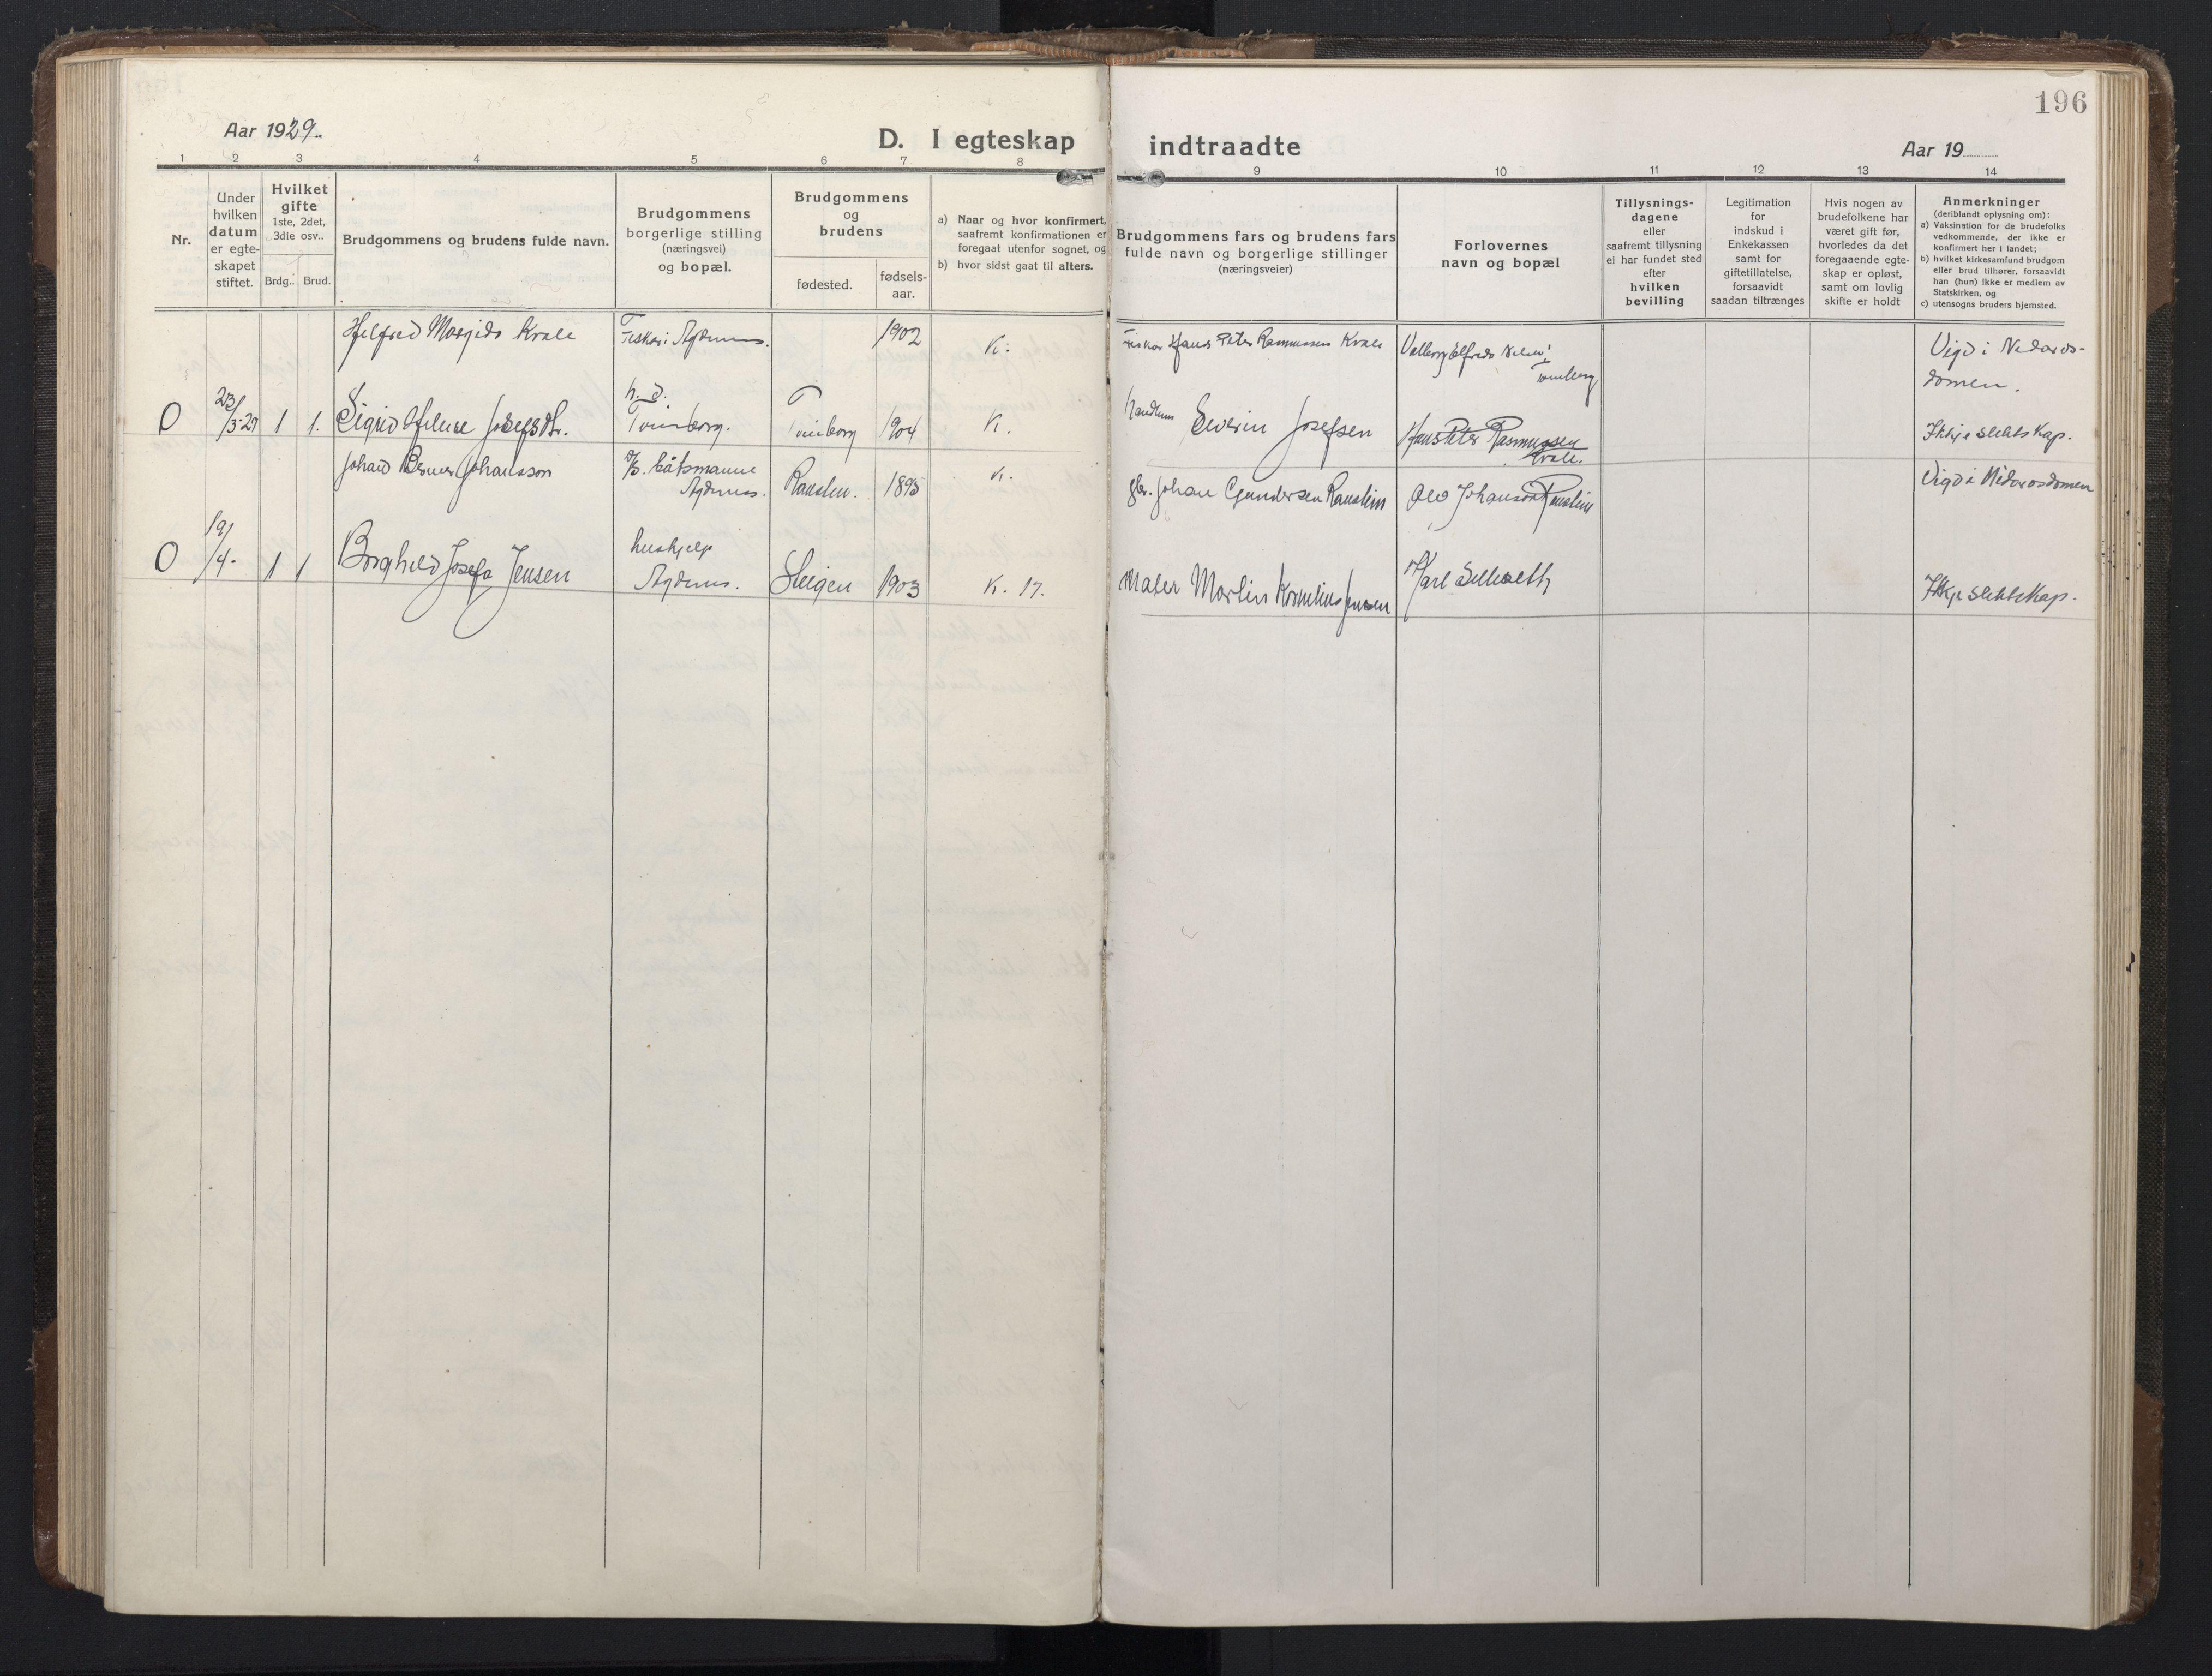 SAT, Ministerialprotokoller, klokkerbøker og fødselsregistre - Sør-Trøndelag, 662/L0758: Klokkerbok nr. 662C03, 1918-1948, s. 196